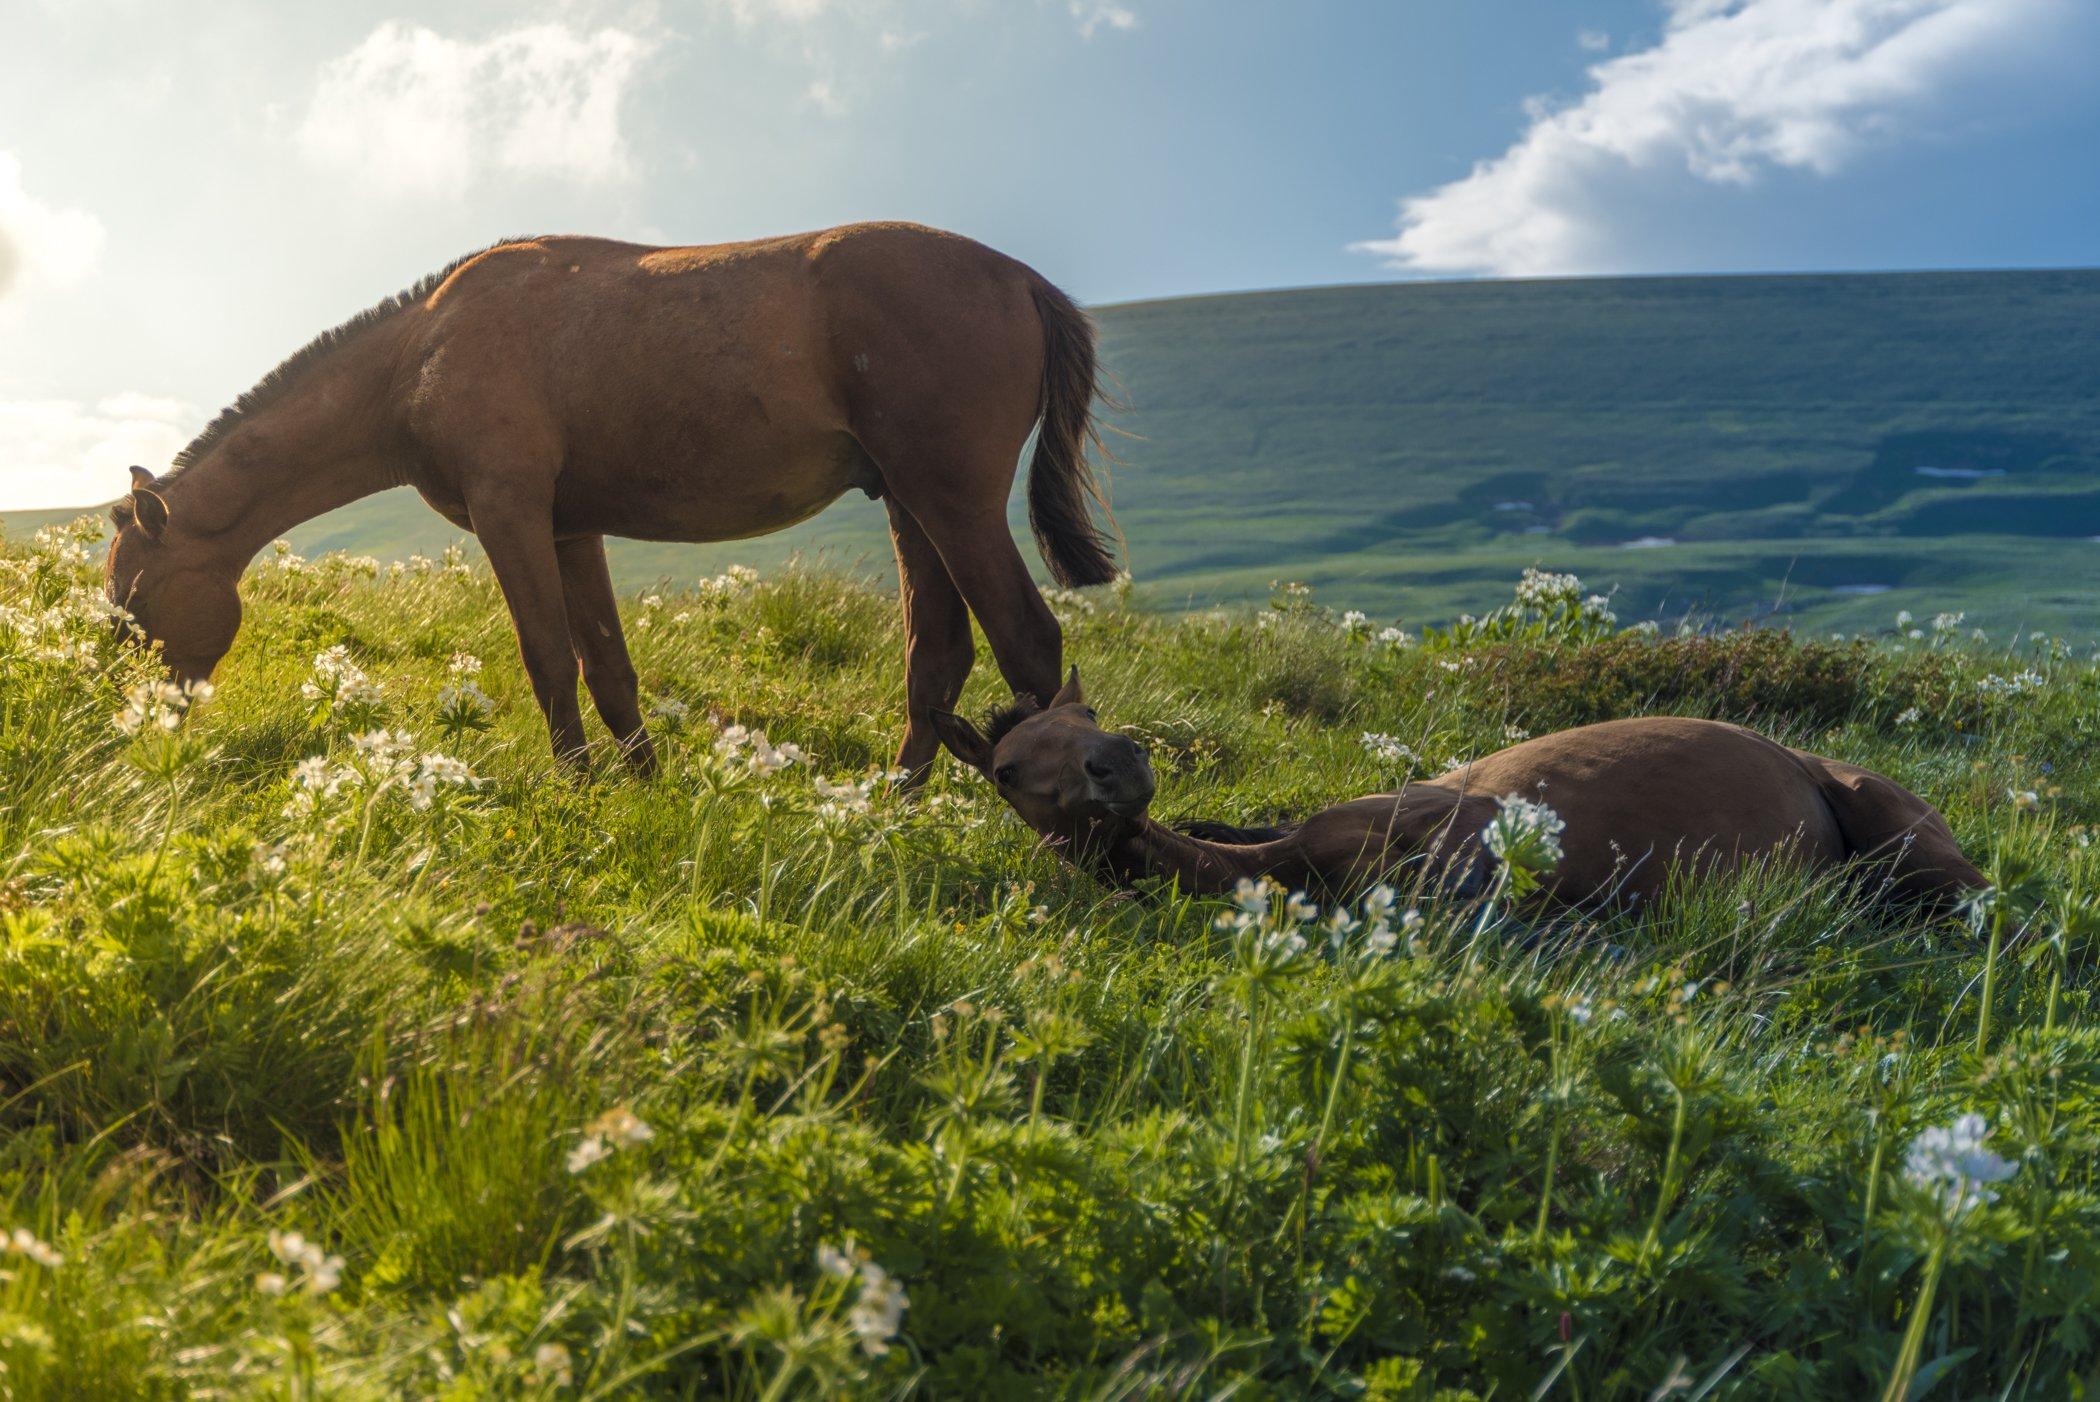 кони, кавказ, горы, природа, пейзаж, животные, рассвет, закат, фототур, Сергей Лексин